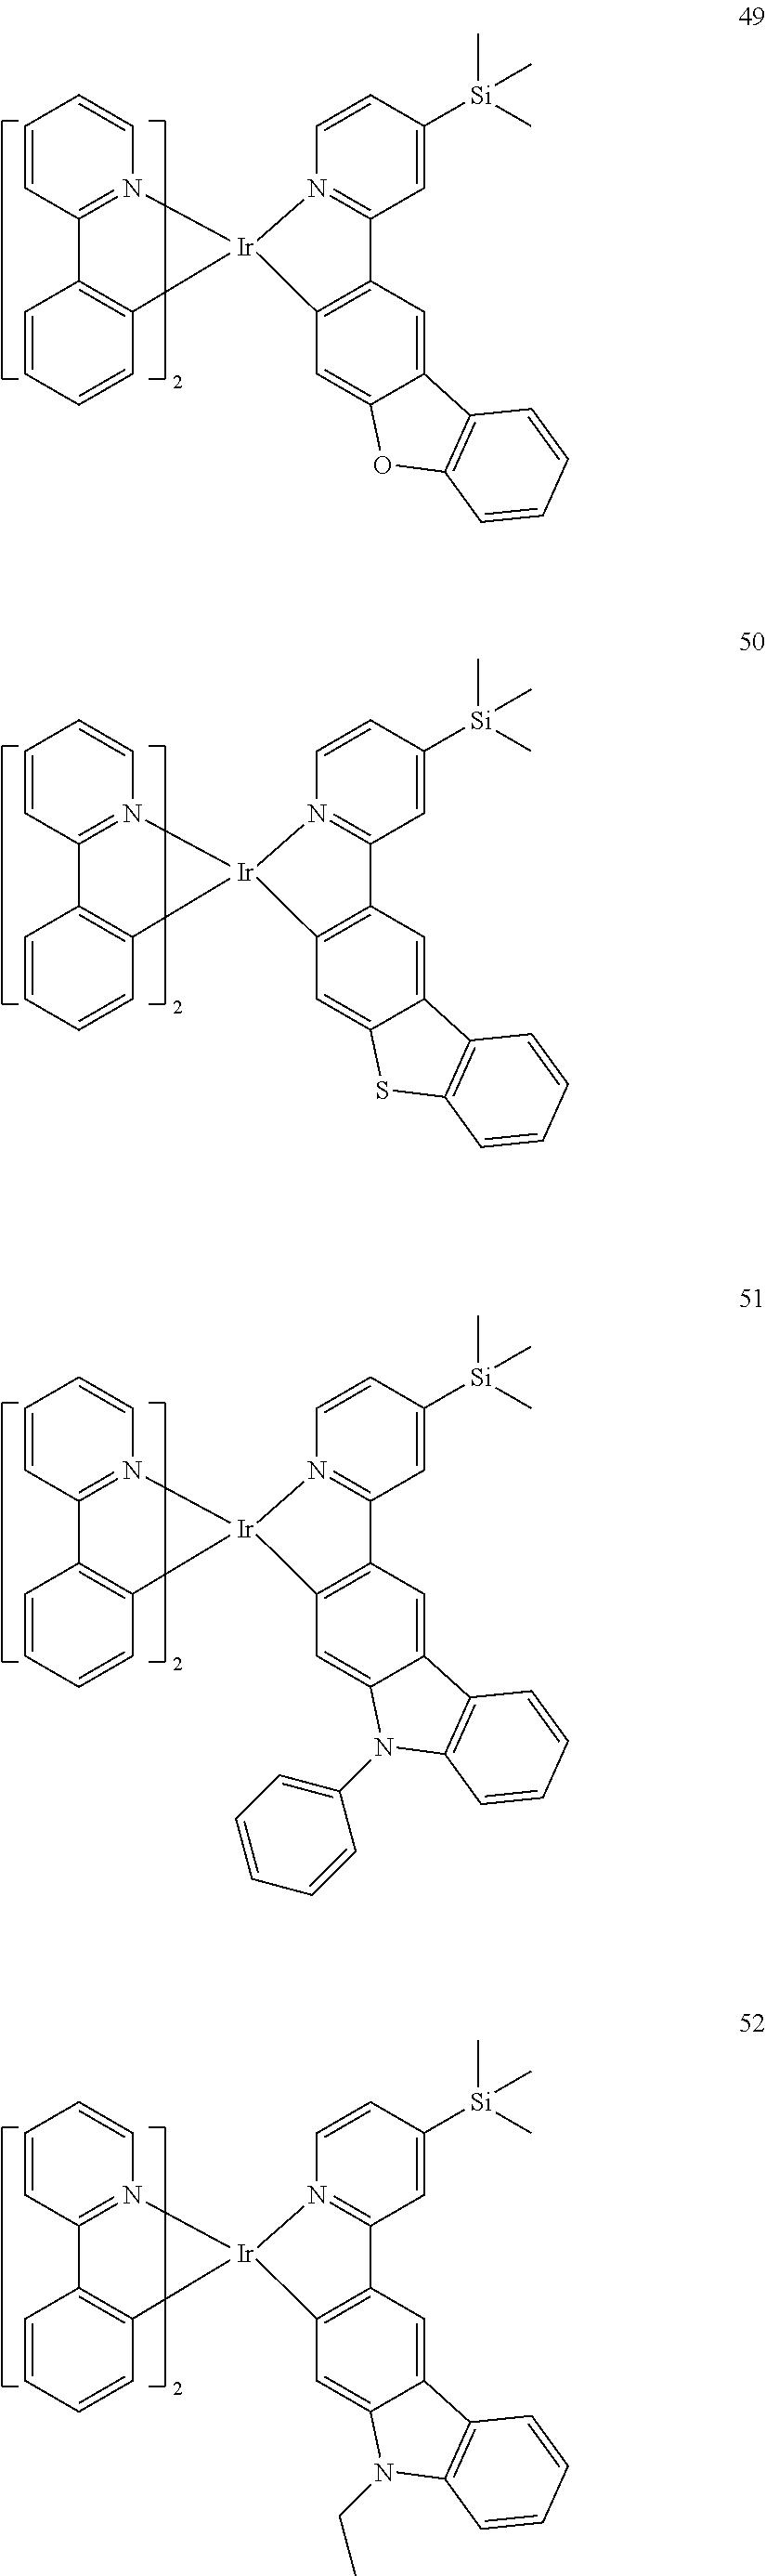 Figure US20160155962A1-20160602-C00073